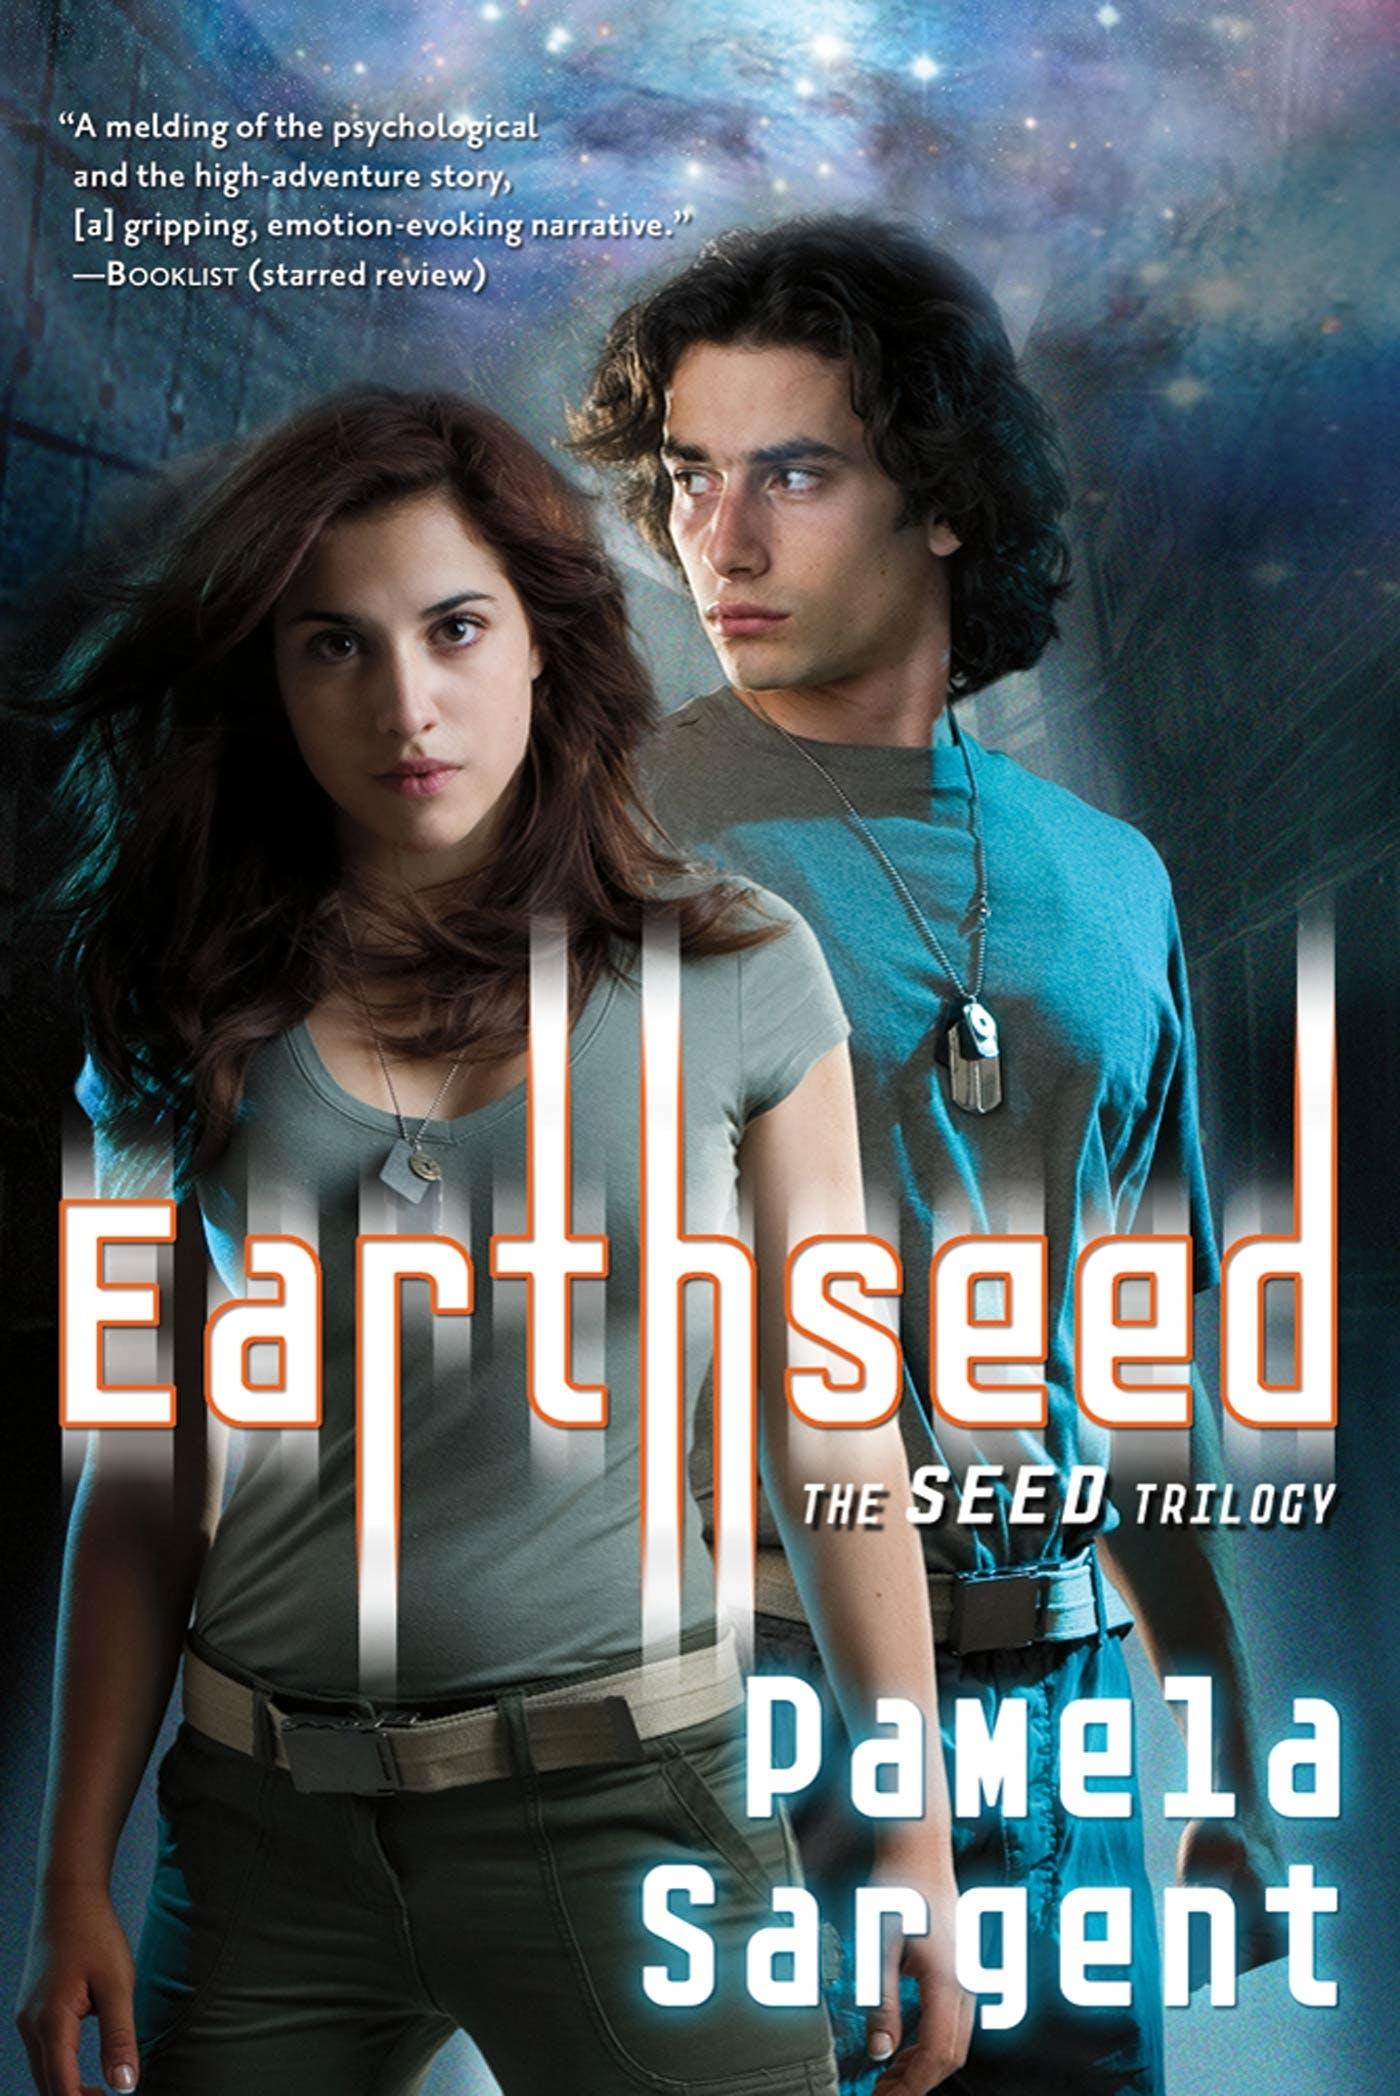 Image of Earthseed